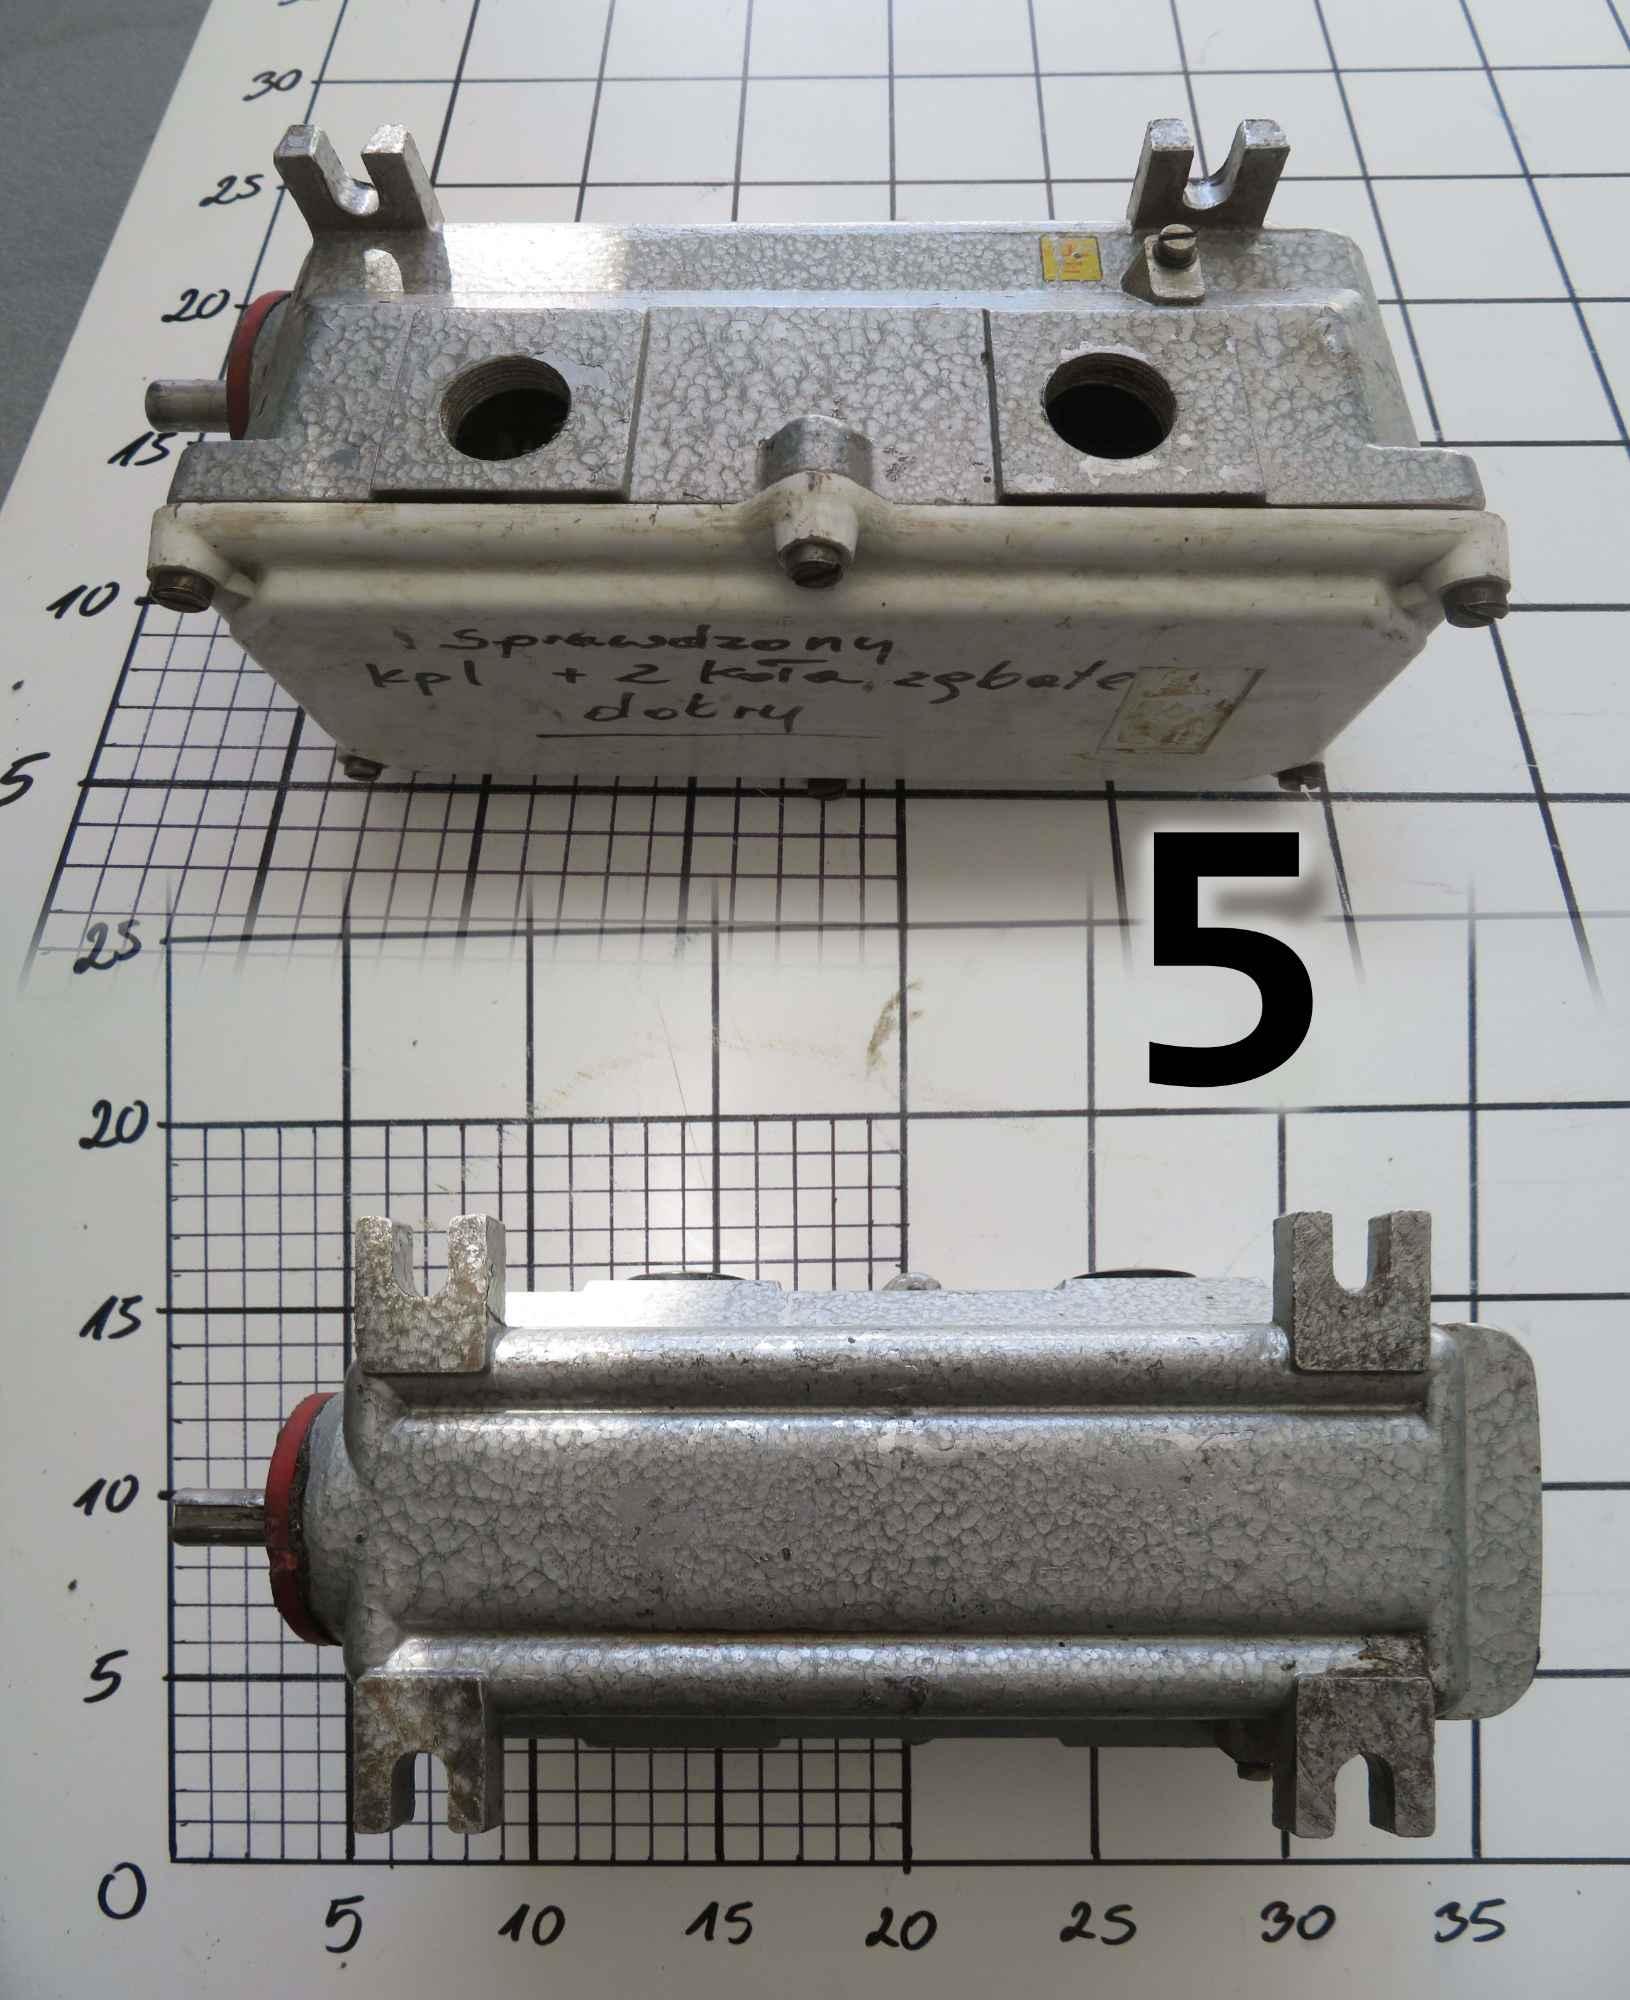 Części do żurawia ŻB 75/100, dźwig, elementy używane Luboń - zdjęcie 6